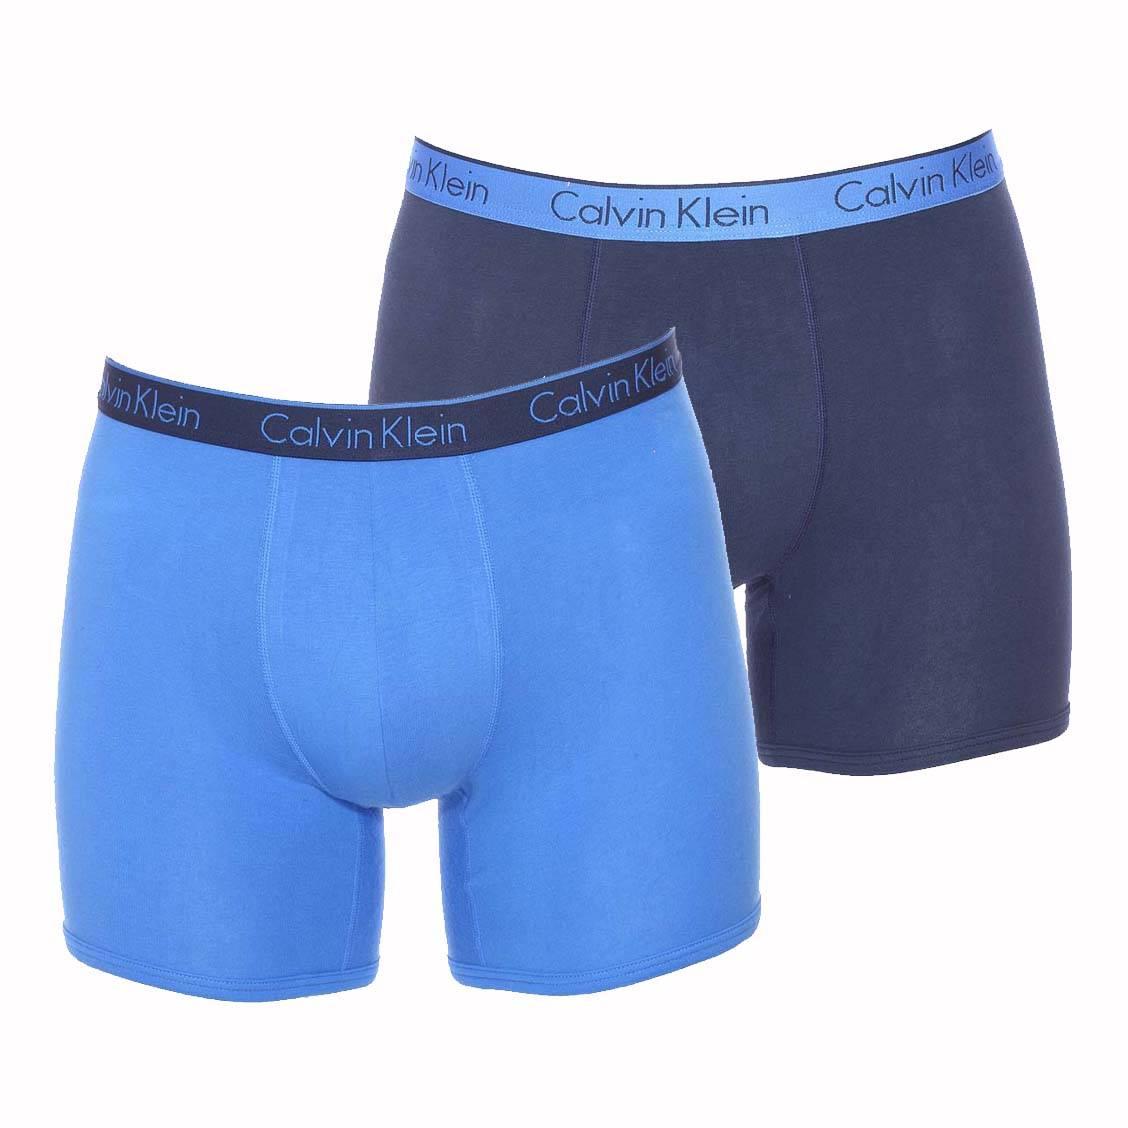 lot de 2 boxers longs calvin klein en coton stretch 1 mod le bleu marine et 1 mod le bleu. Black Bedroom Furniture Sets. Home Design Ideas